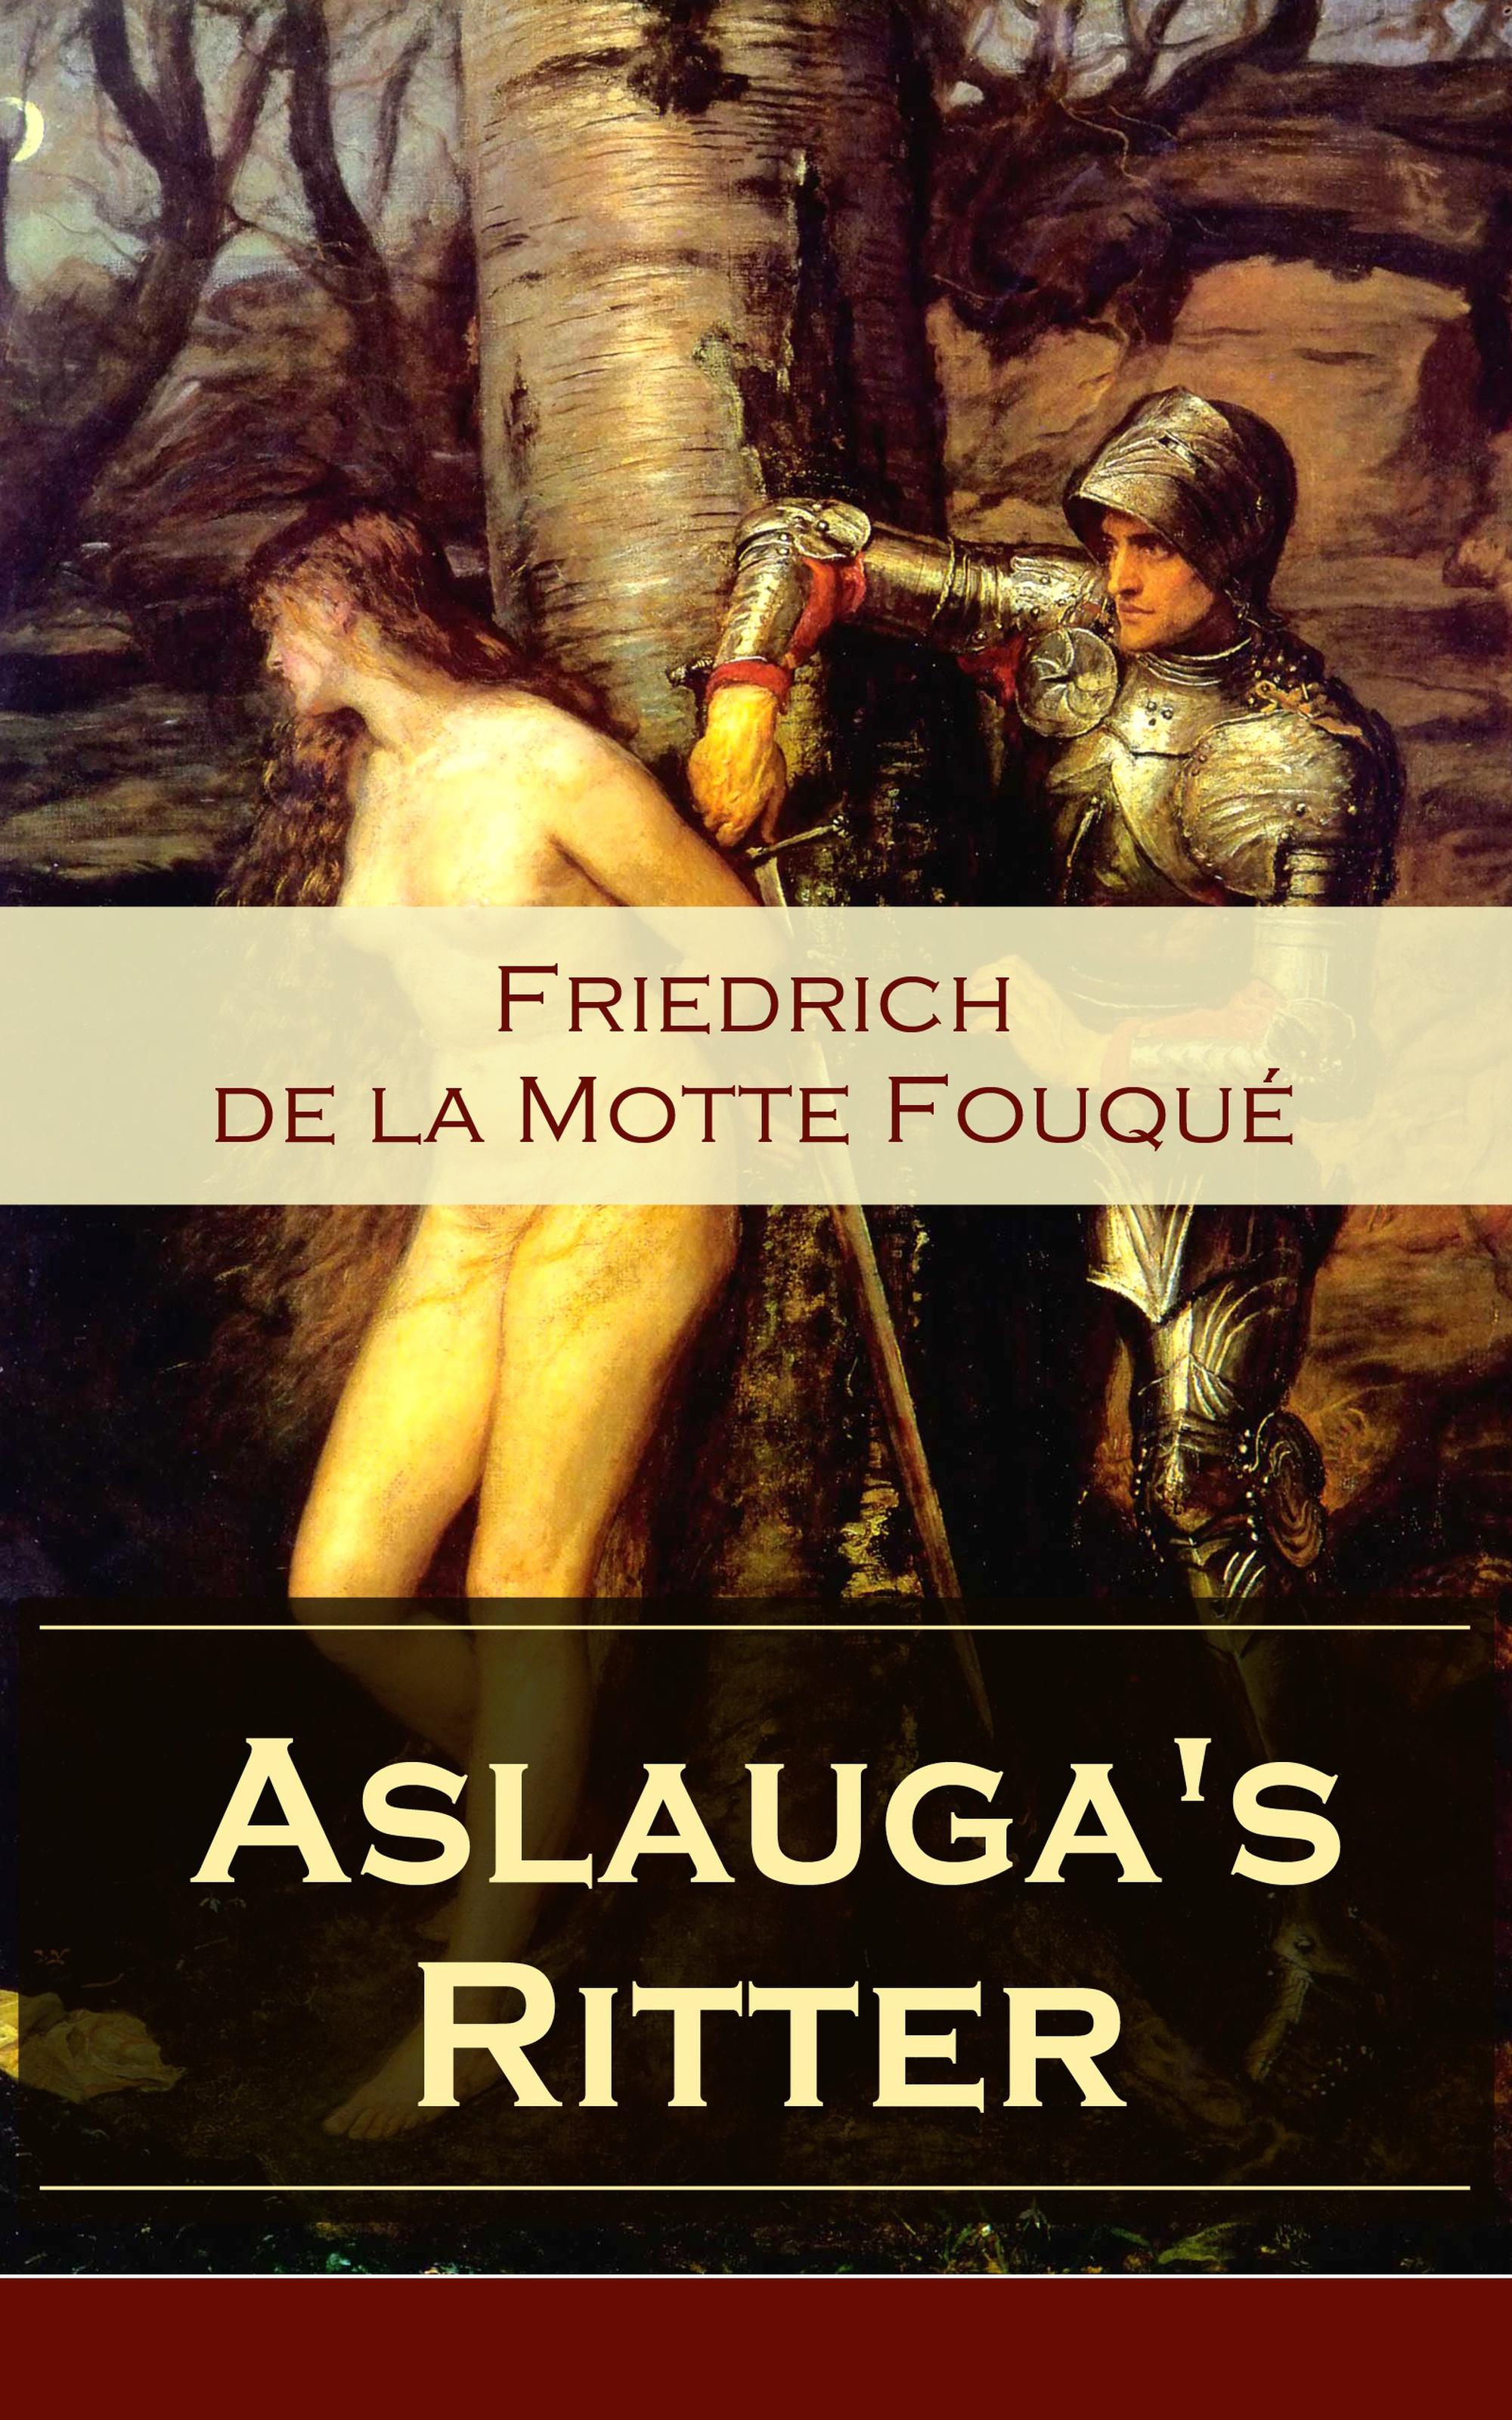 Friedrich de la Motte Fouque Aslauga's Ritter